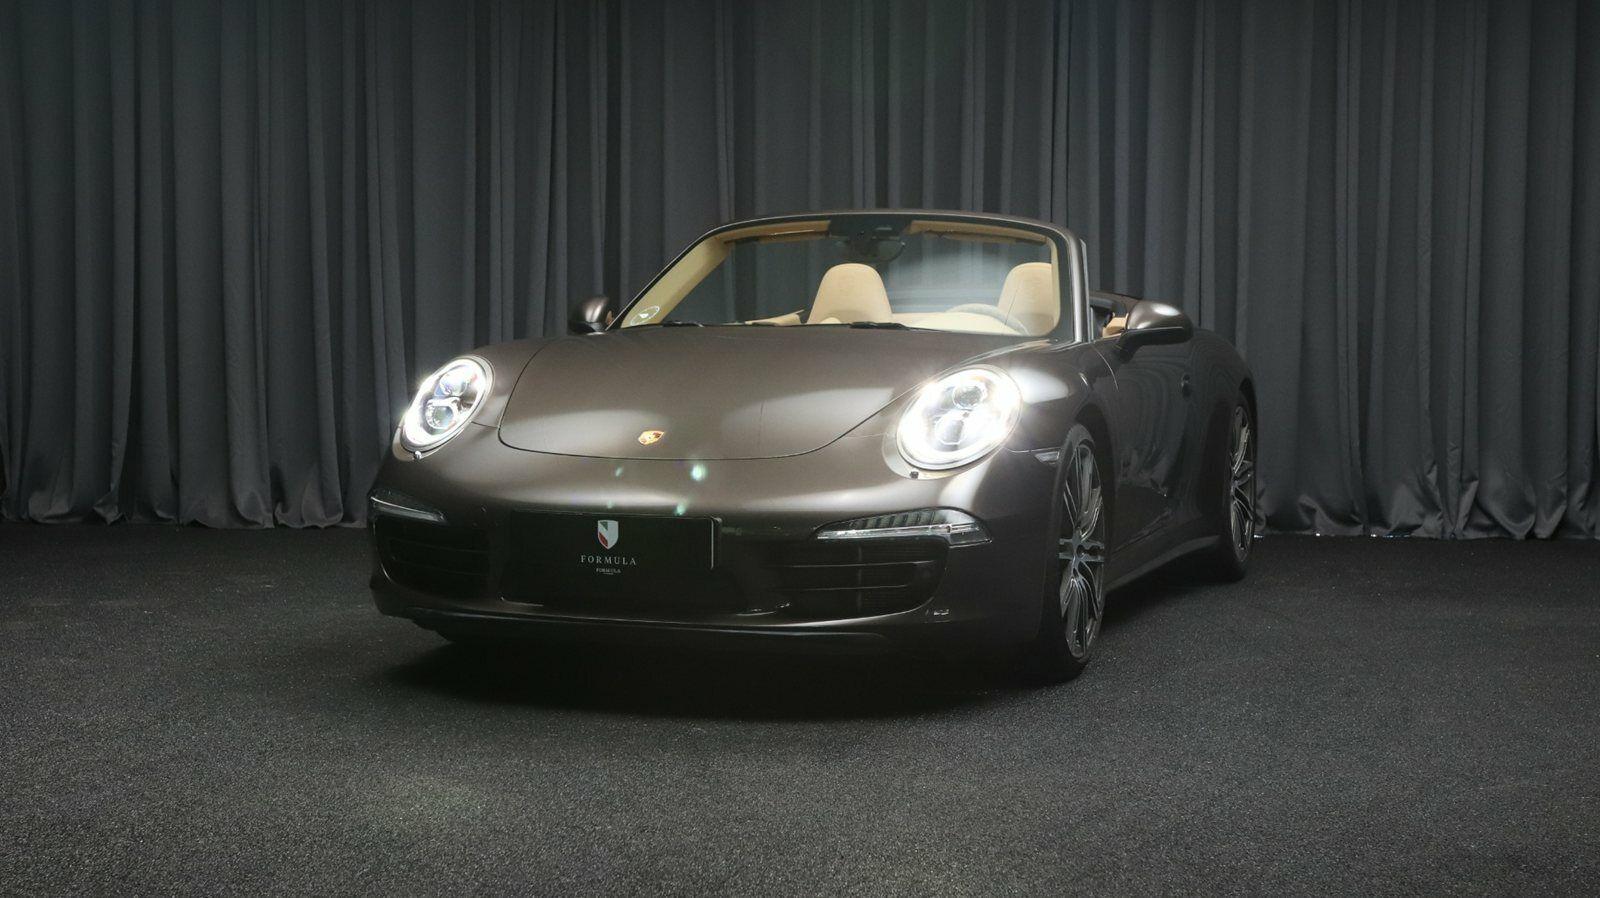 Porsche 911 Carrera 4S 3,8 Cabriolet PDK 2d - 9.375 kr.